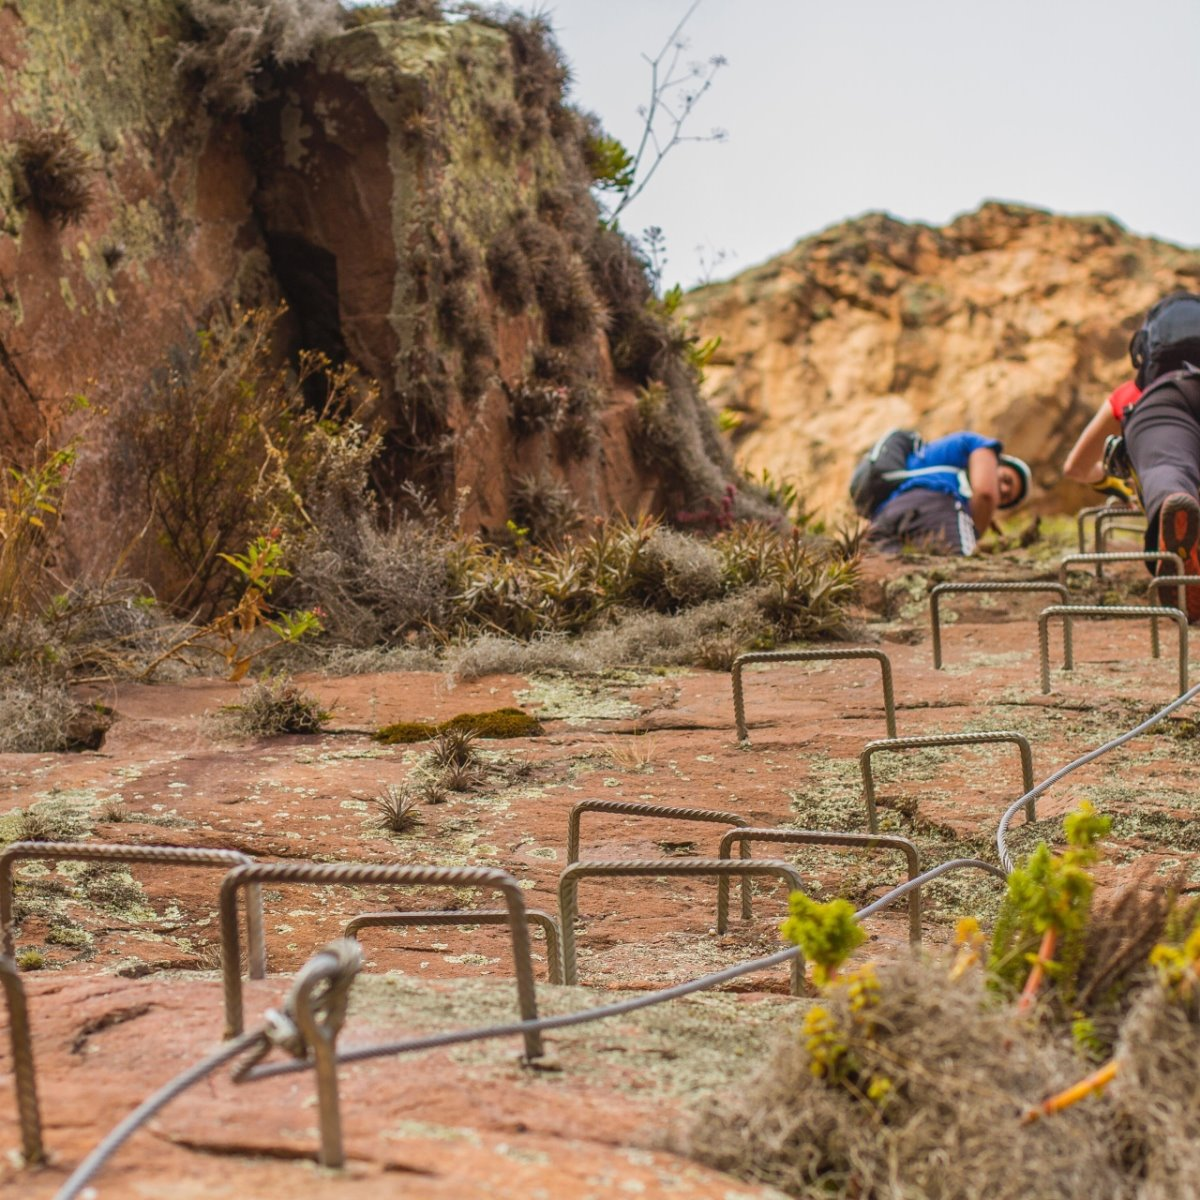 Skylodge ξενοδοχείο Περού κρέμεται στο κενό ανάβαση από σκαλοπάτια